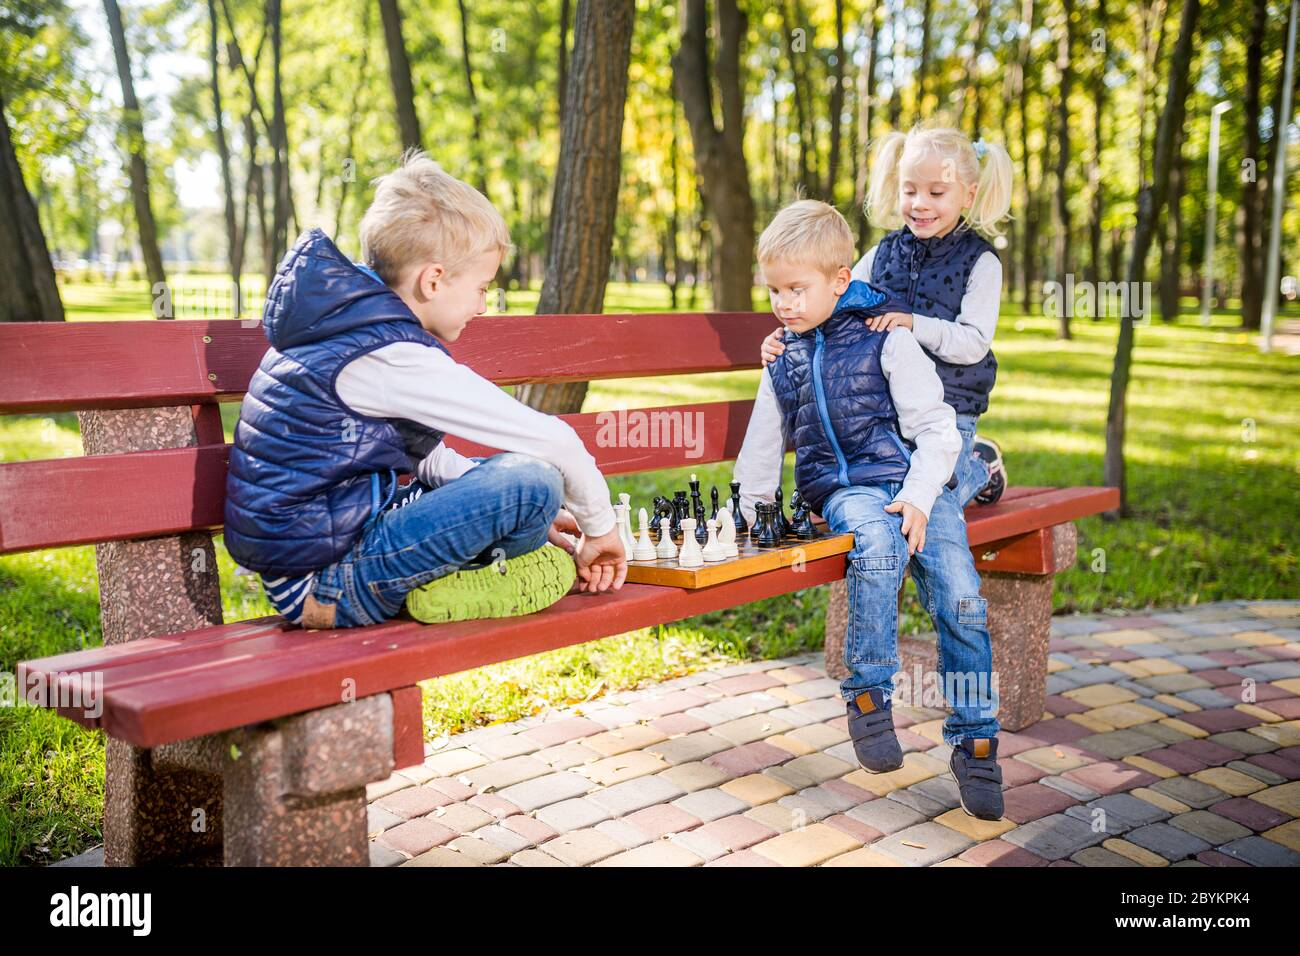 Petits écoliers jouant aux échecs dans le parc sur le banc. Vacances d'été, jeux intellectuels. Club d'échecs pour enfants. Bonne enfance et enfants Banque D'Images